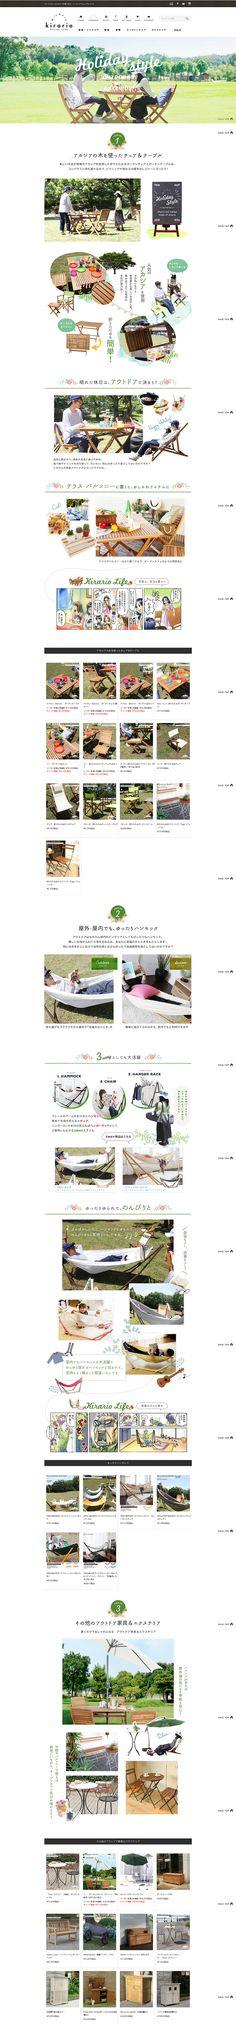 kirarioインテリアHoliday style【インテリア関連】のLPデザイン。WEBデザイナーさん必見!ランディングページのデザイン参考に(シンプル系)